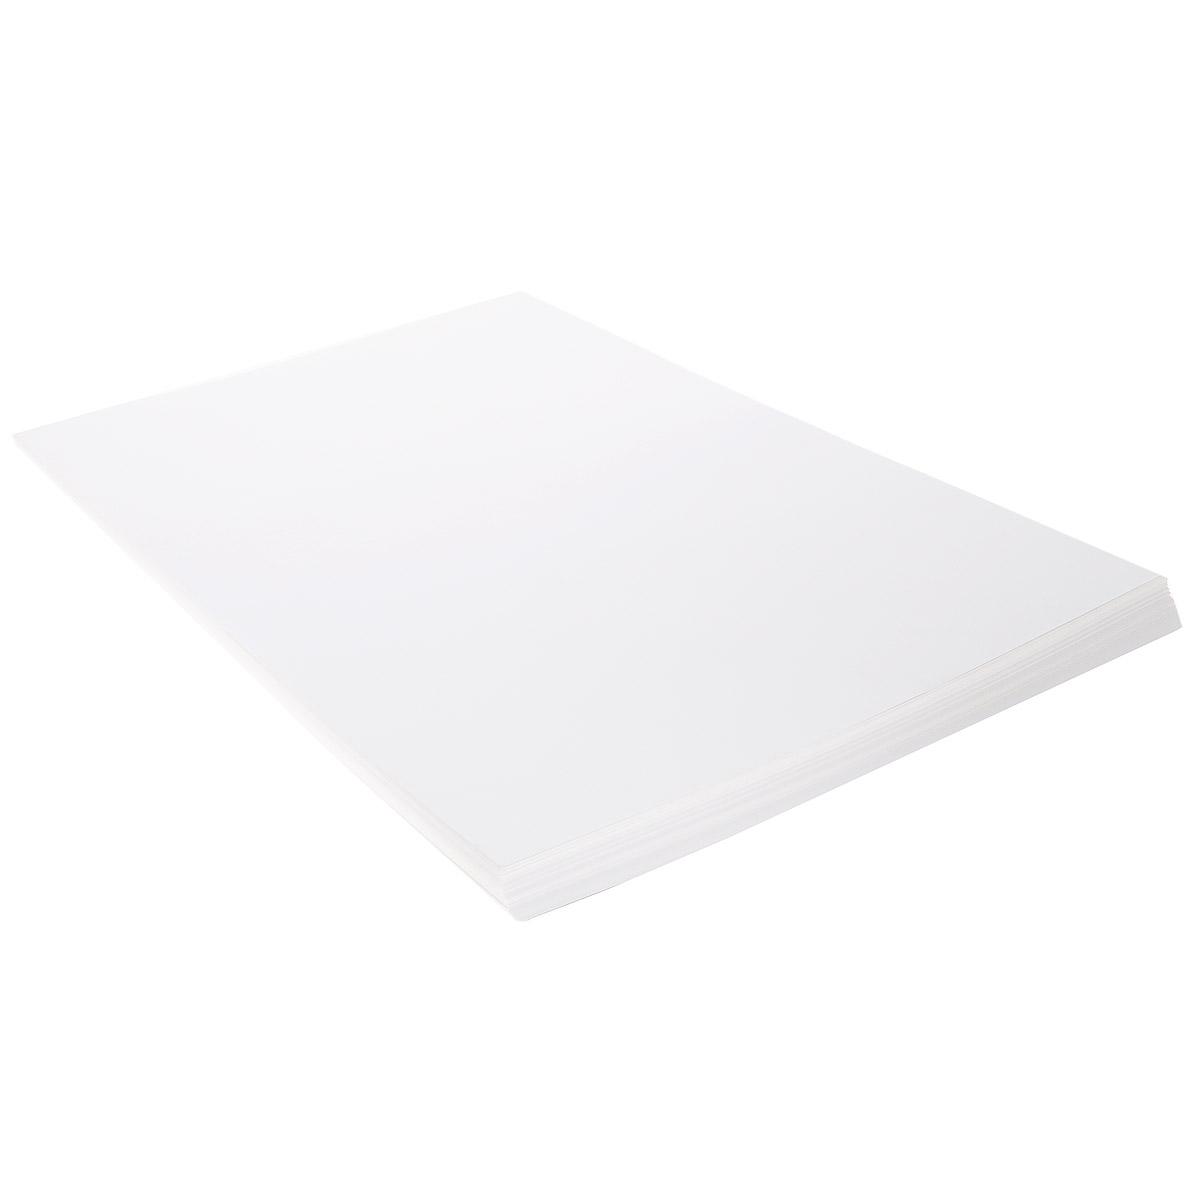 Бумага для черчения Гознак, 100 листов, формат A2БЧ-0576Бумага для черчения Гознак предназначена для рисования и разнообразных чертежных работ, исполненных карандашом, тушью или акварельными красками. Допускает пользование ластиком. Поверхность бумаги после многократных подчисток ластиком не скатывается под карандашом и сохраняет свою белизну. В набор входят 100 листов высококачественной чистоцеллюлозной бумаги.